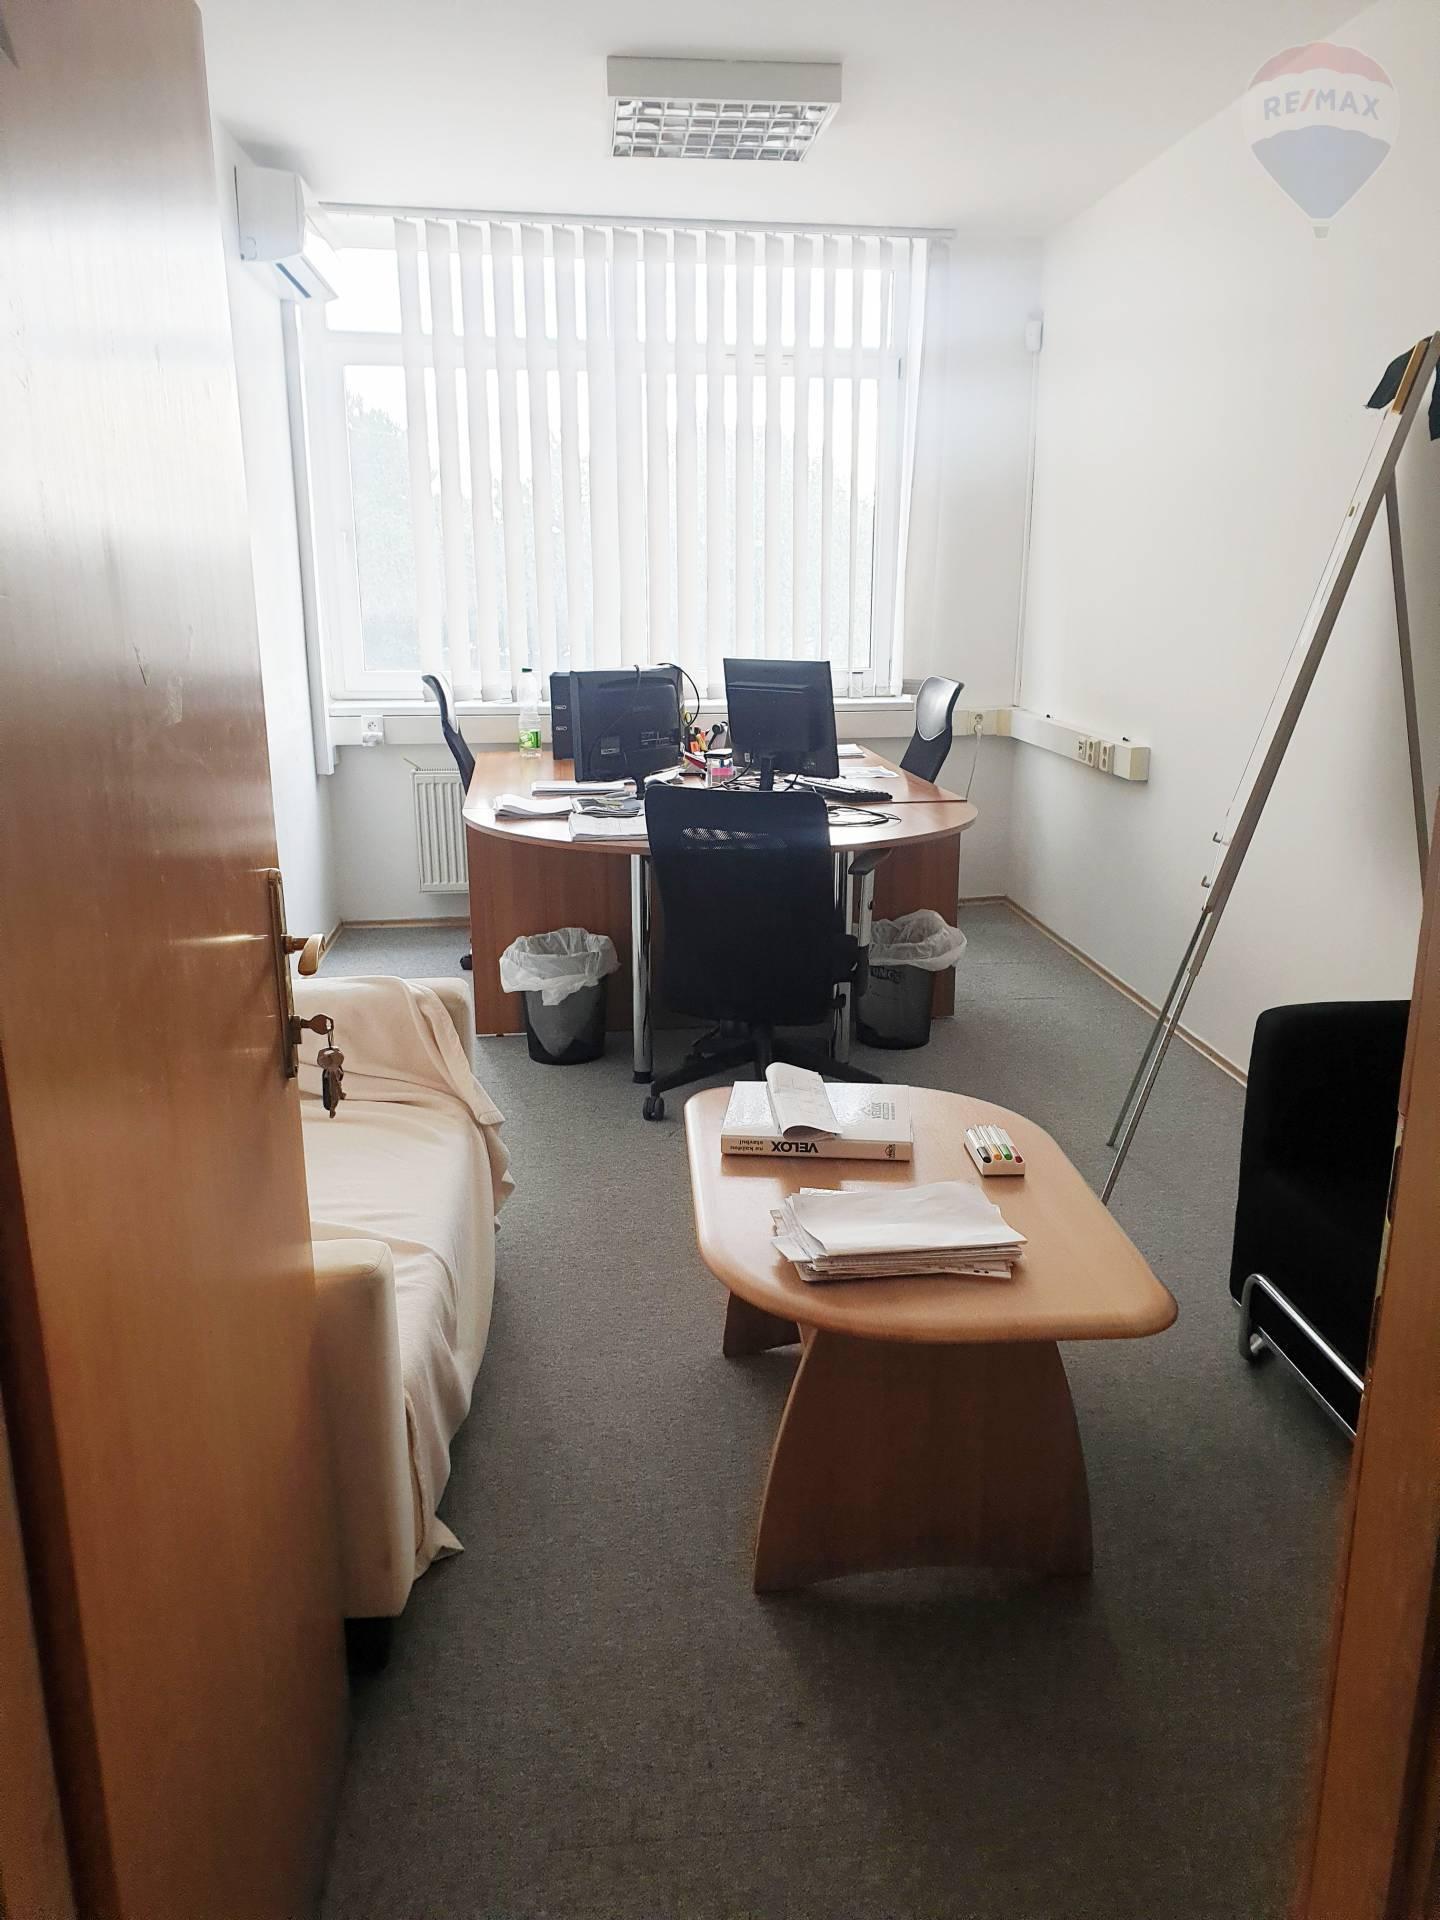 Prenájom 2 kancelárií 16 m2 a 17 m2 Na Trnavskej ceste vedľa Klientskeho centra